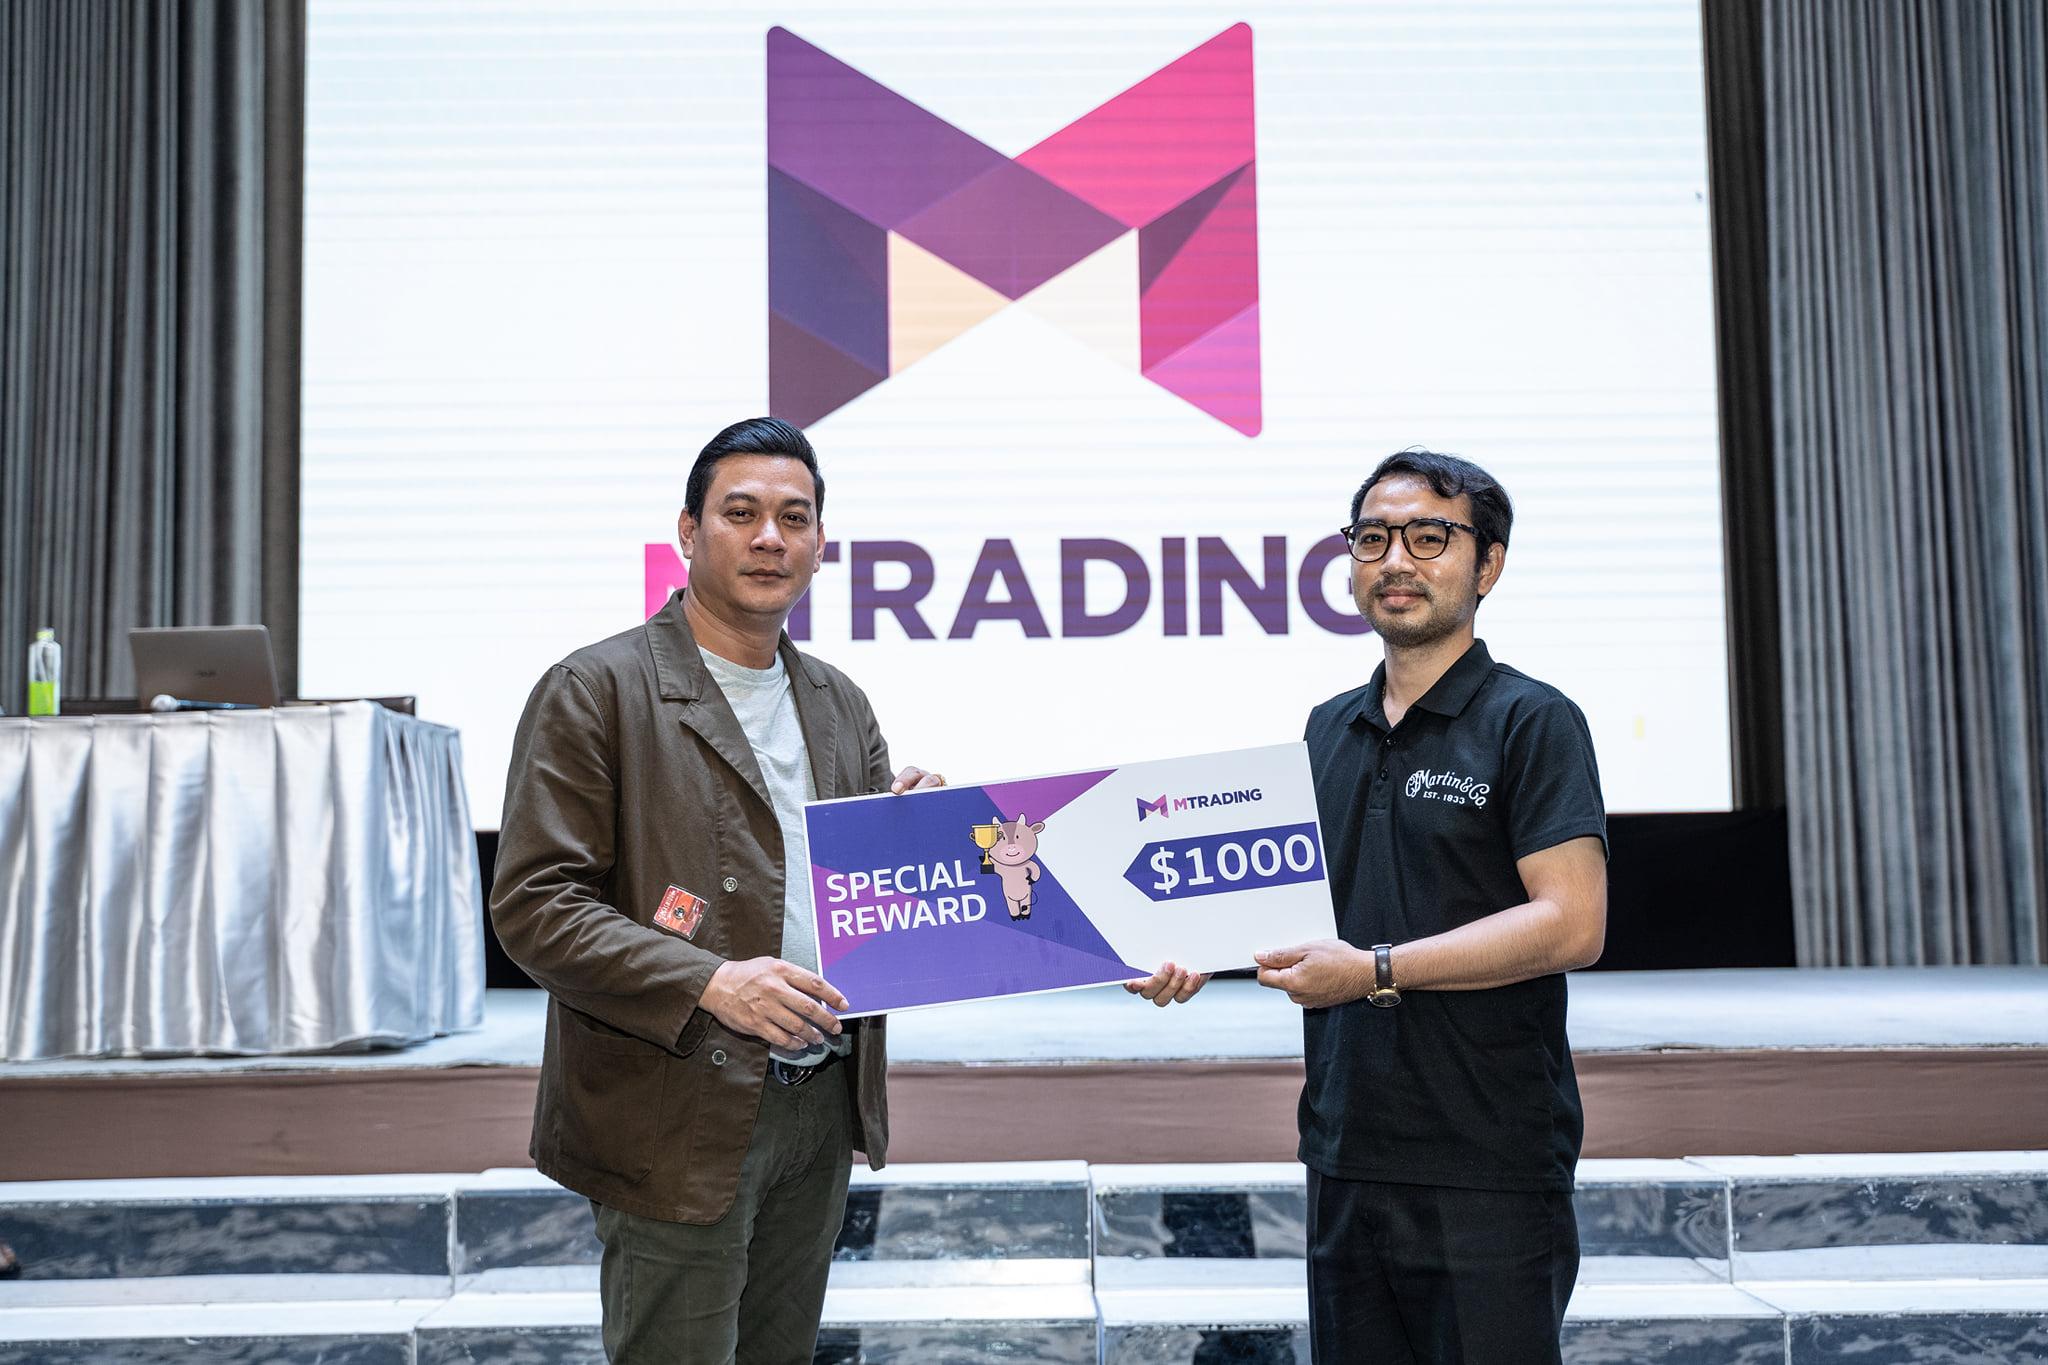 ขอแสดงความยินดีกับผู้โชคดีที่ได้รับรางวัล $1000 จาก MTrading